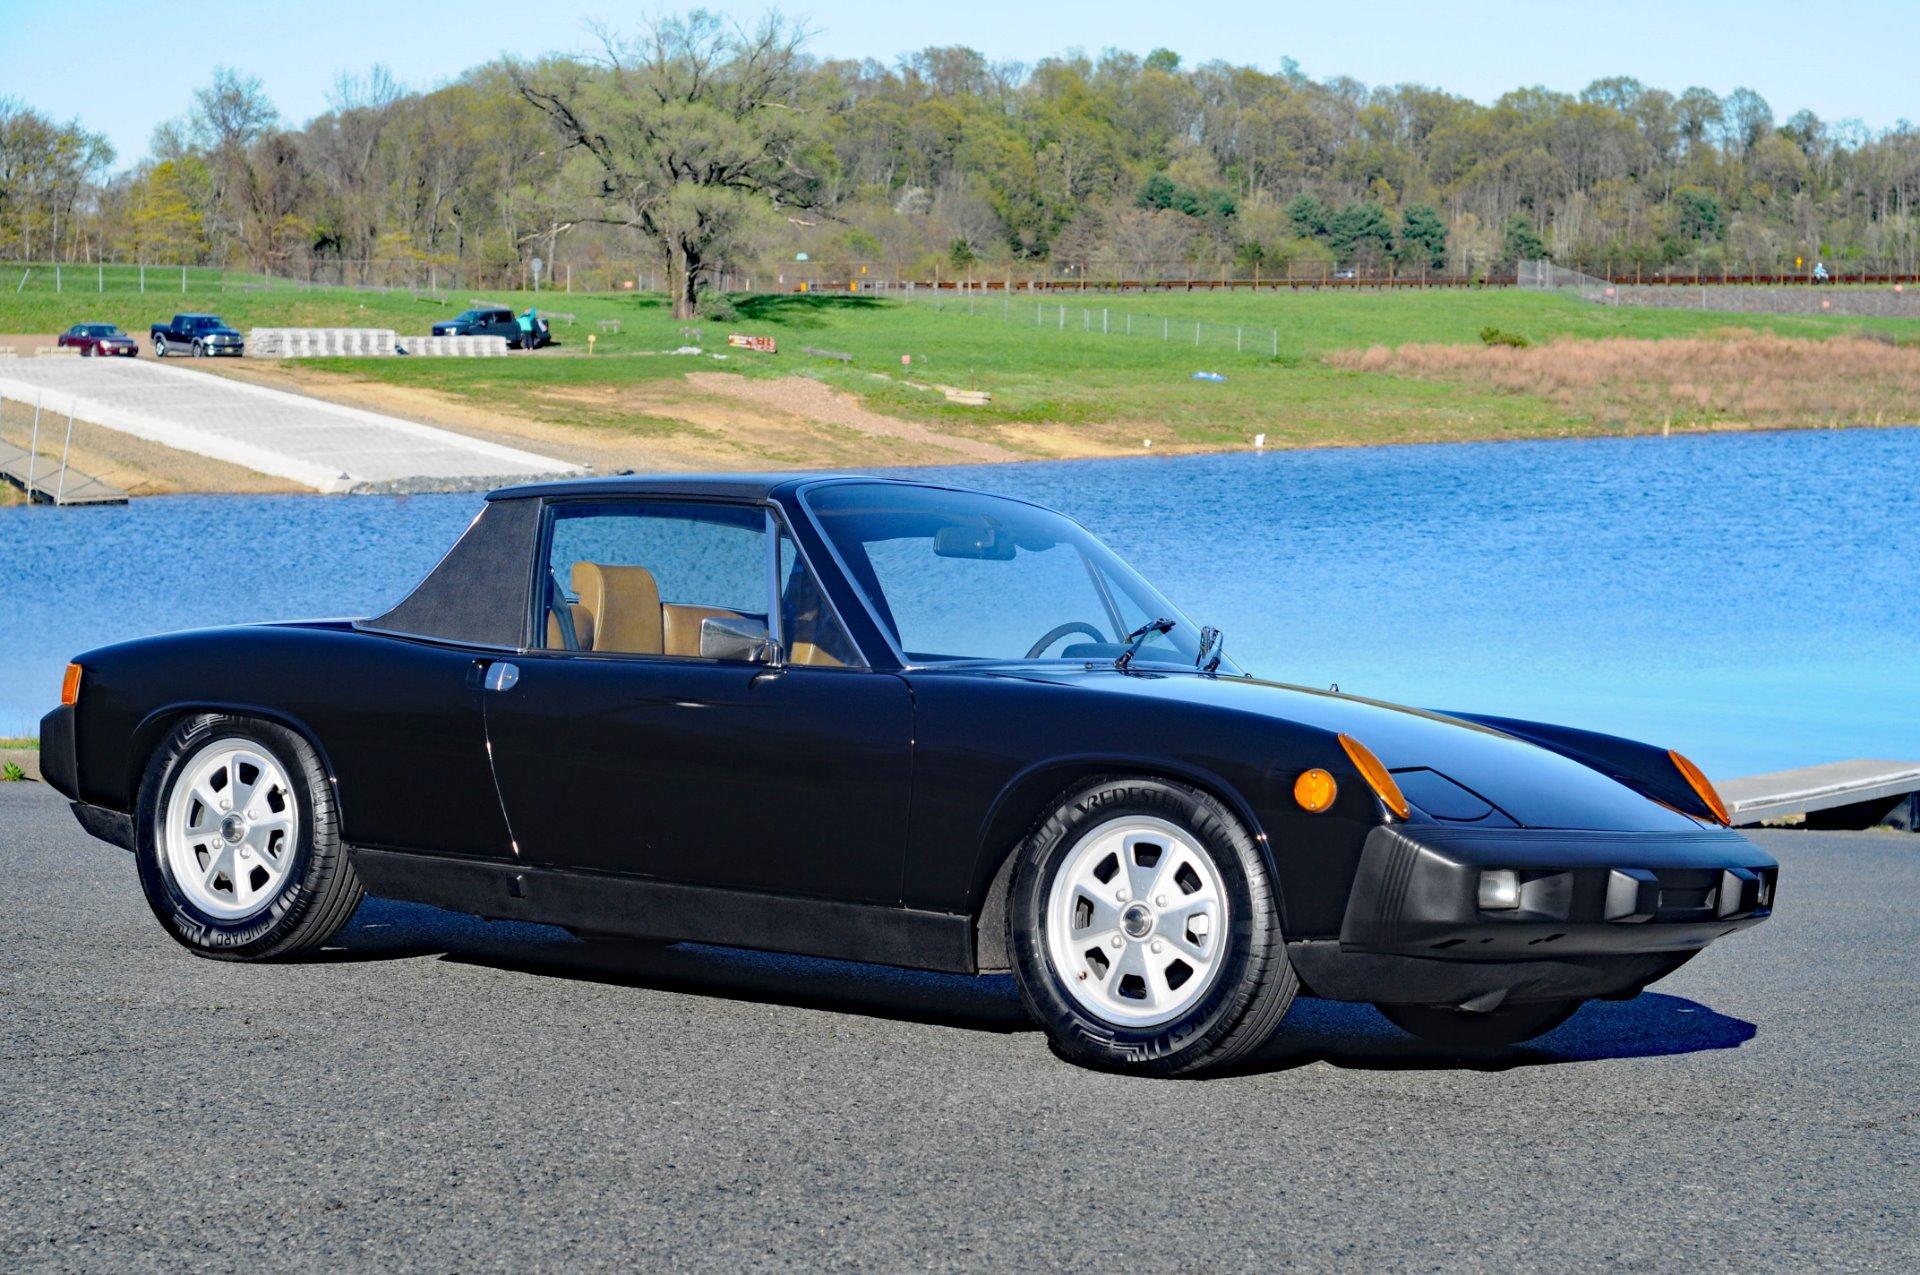 Used 1976 Porsche 914 20l For Sale 32900 Ambassador